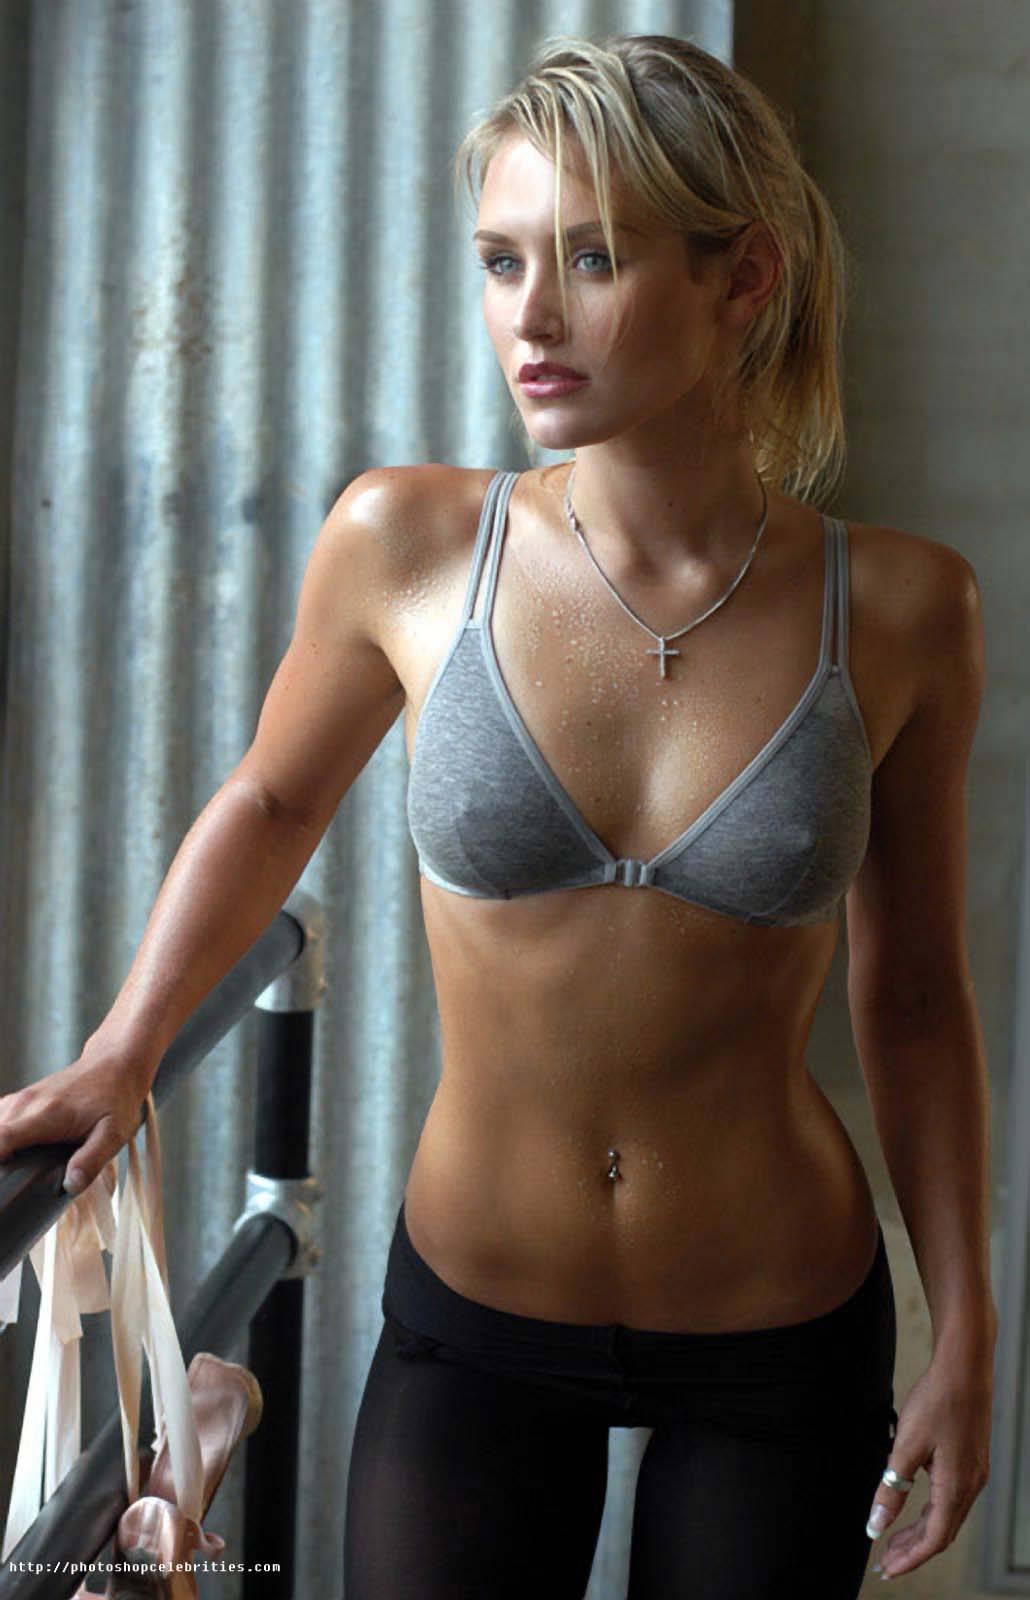 Смотреть порно девочки с красивыми телами 13 фотография